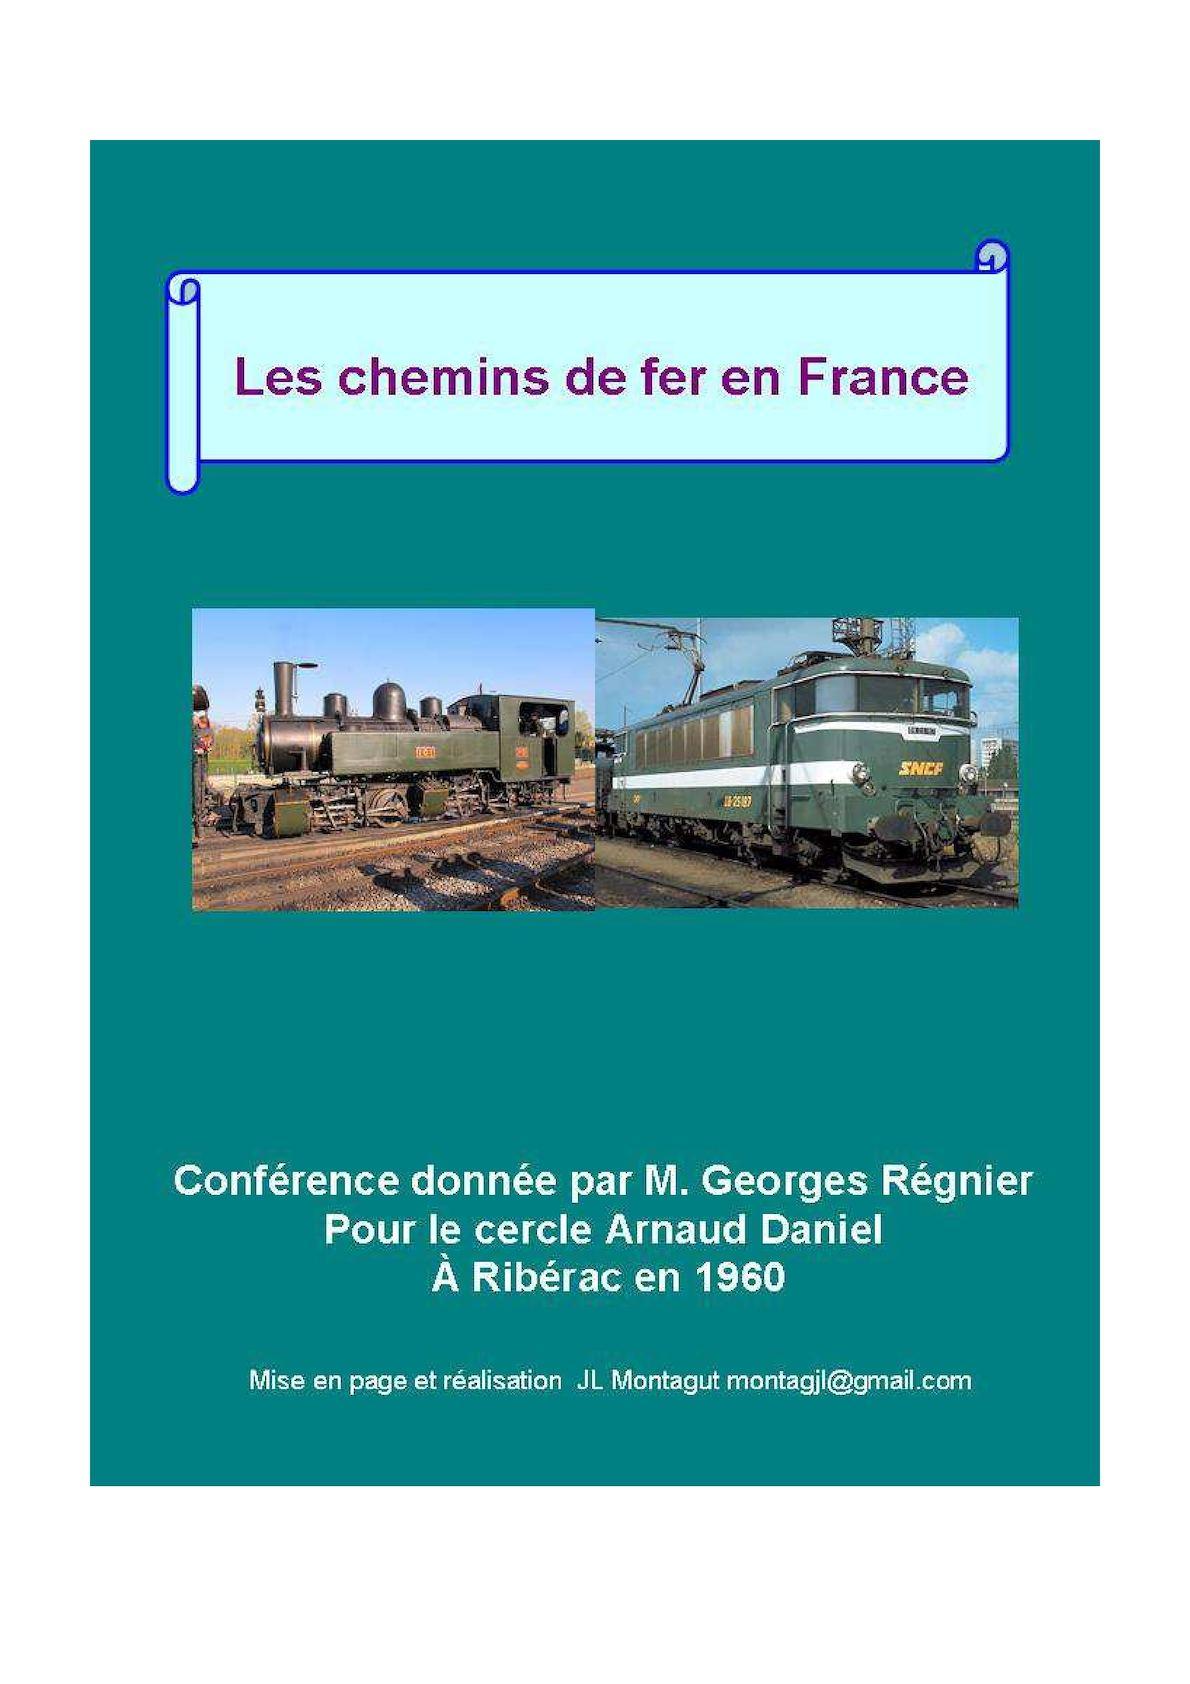 les chemins de fer en France 1960